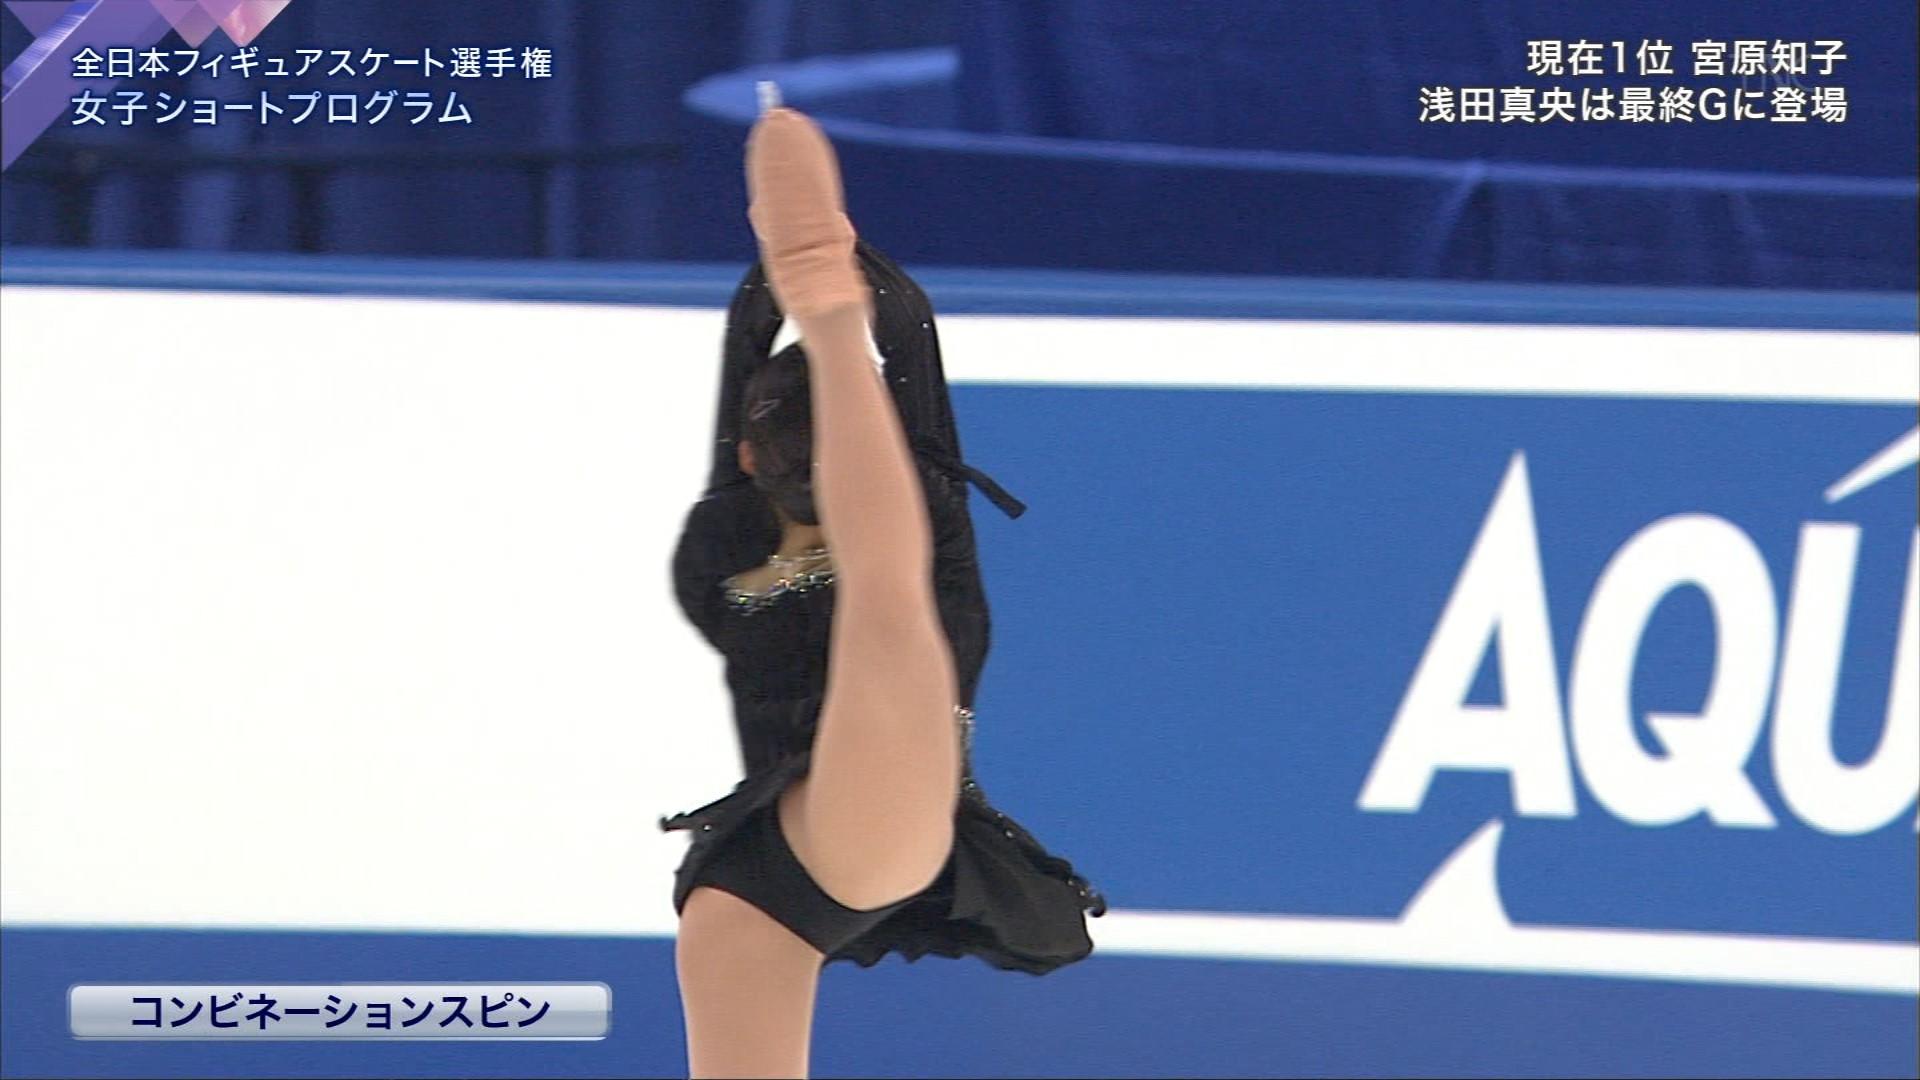 全日本フィギュアスケート選手権で滑る村上佳菜子の股間